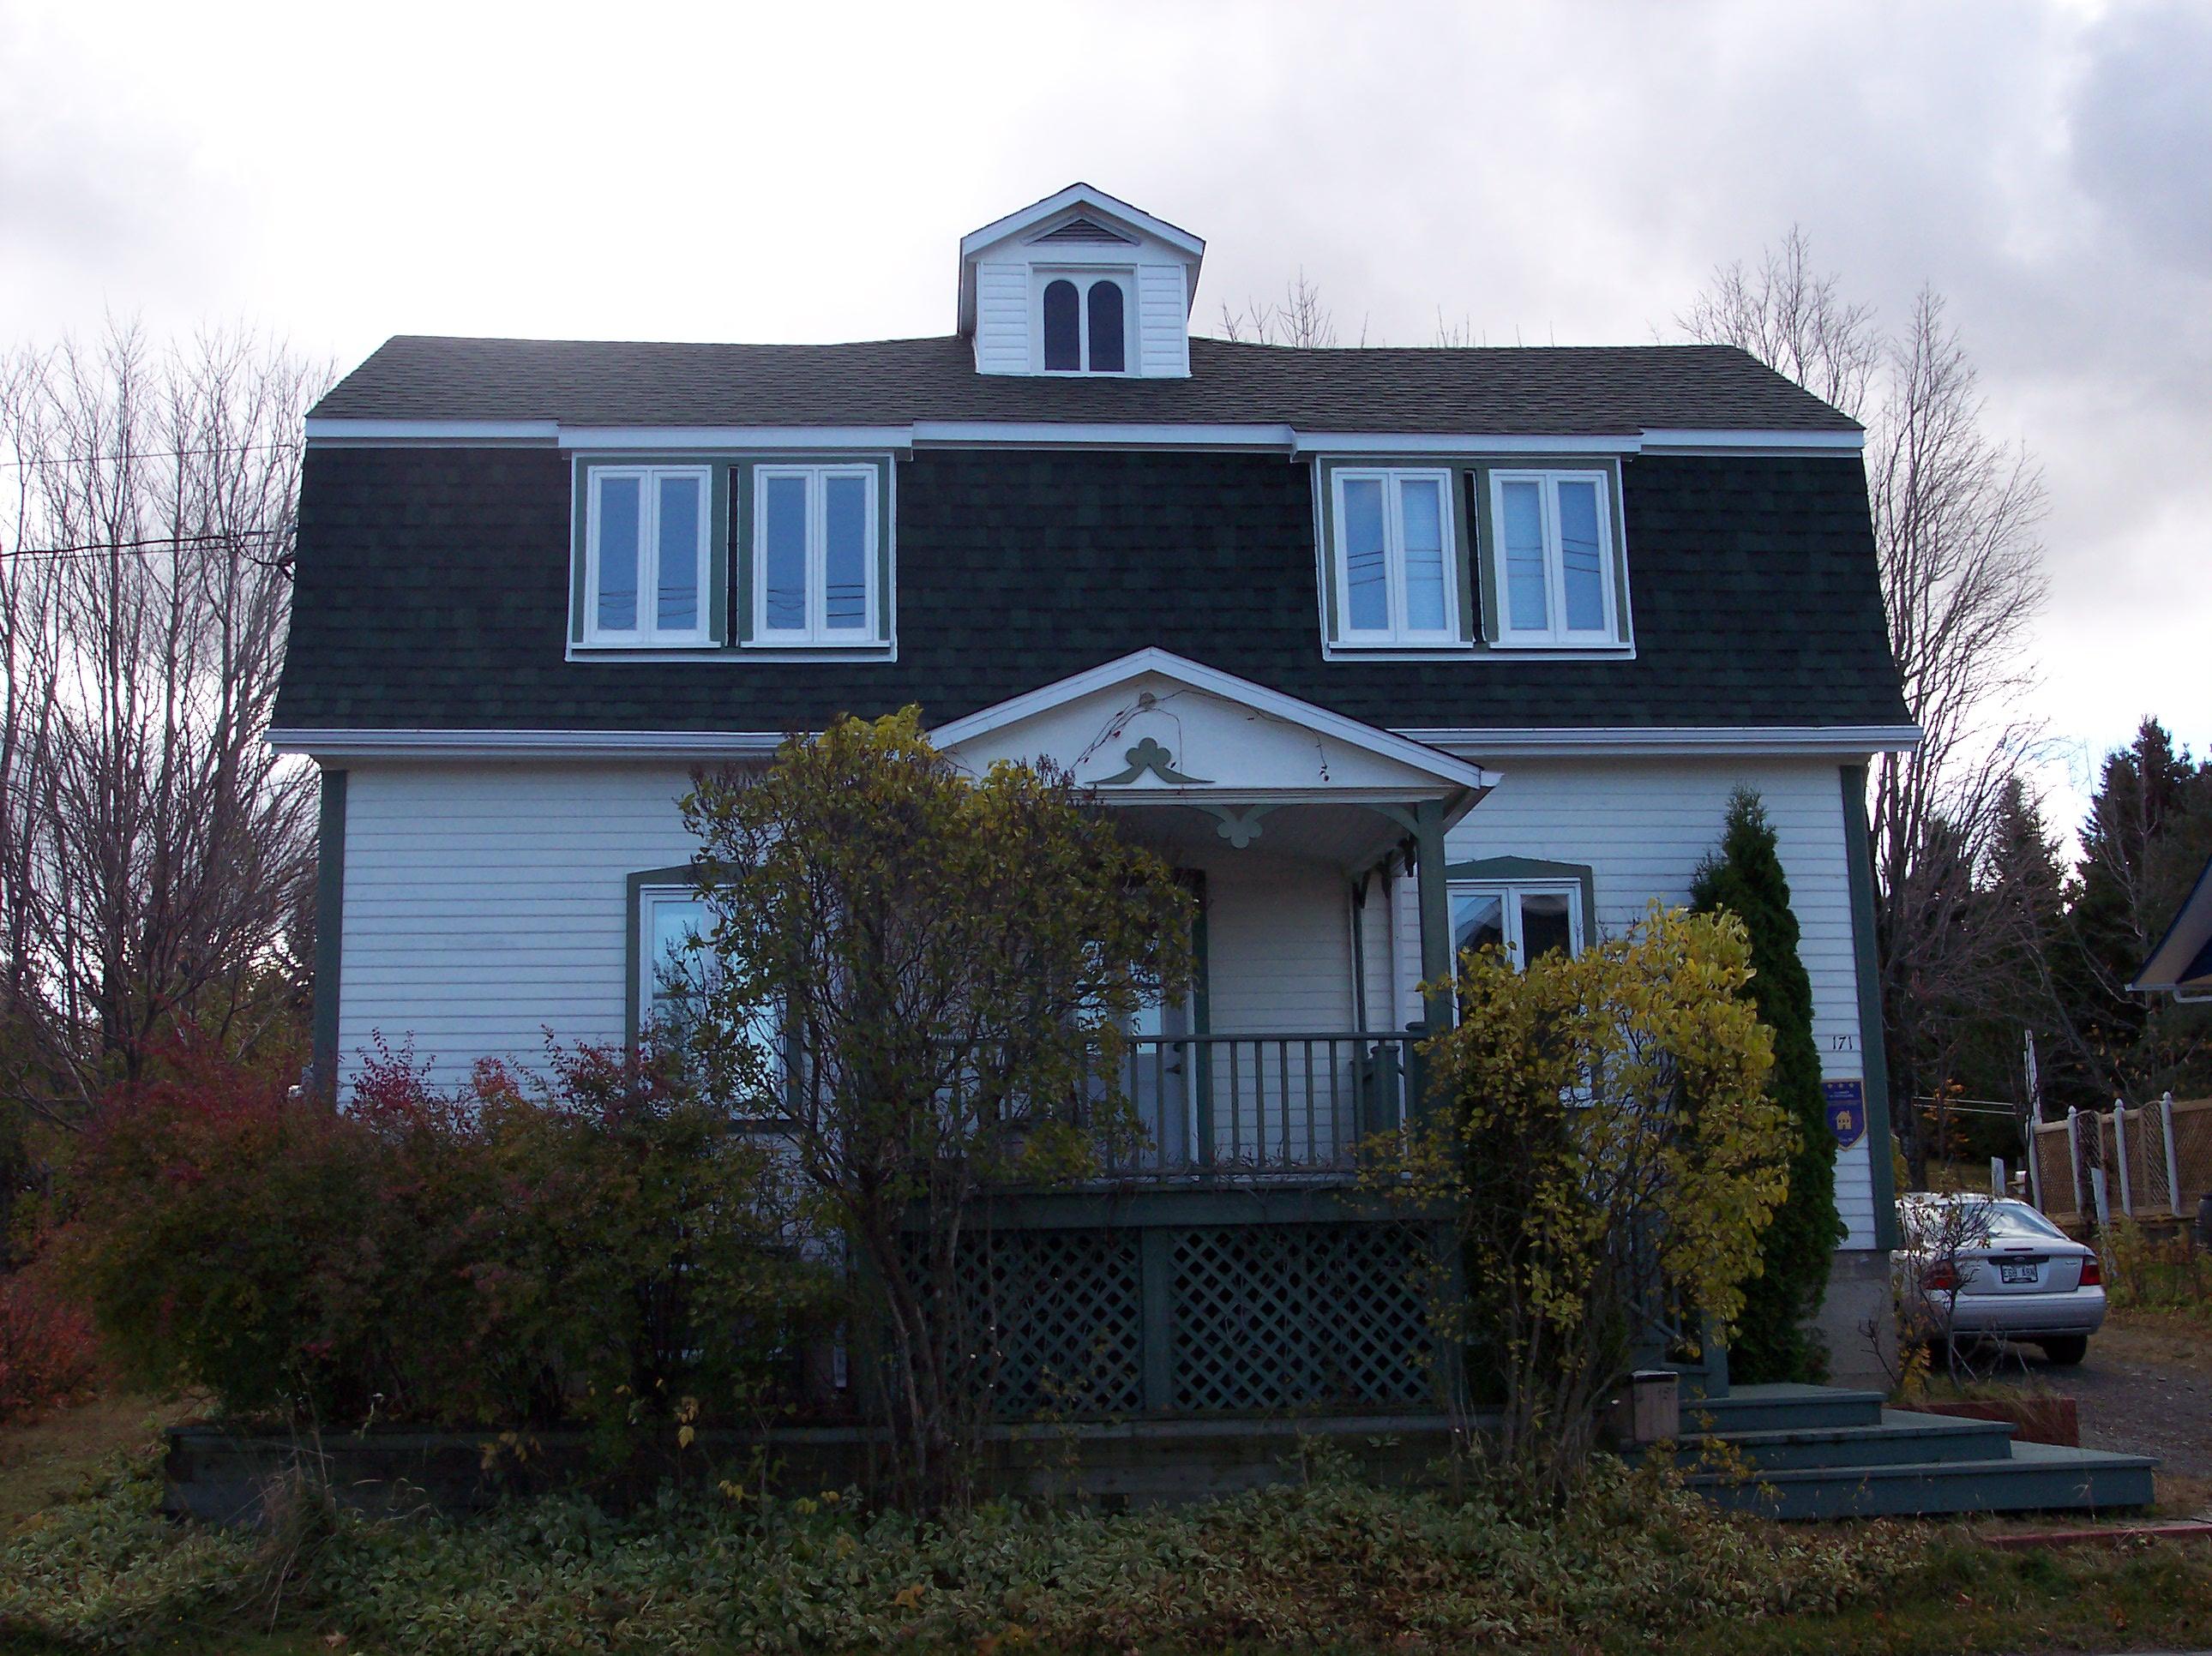 2558 - 171, rue de Sainte-Cécile-du-Bic